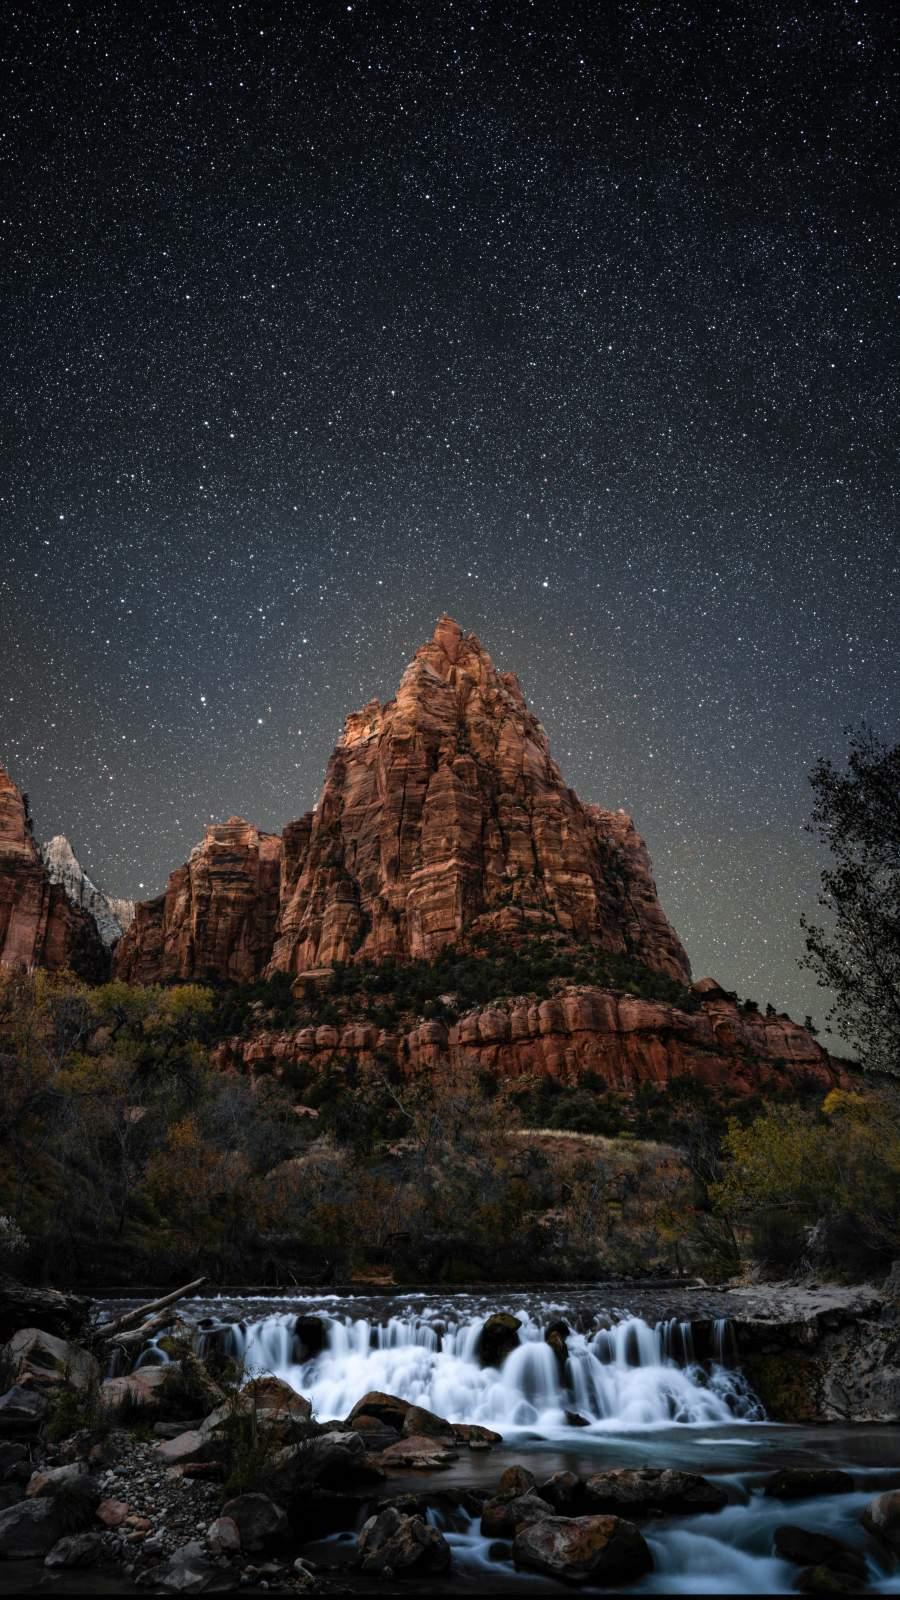 Waterfall Mountain Night Sky